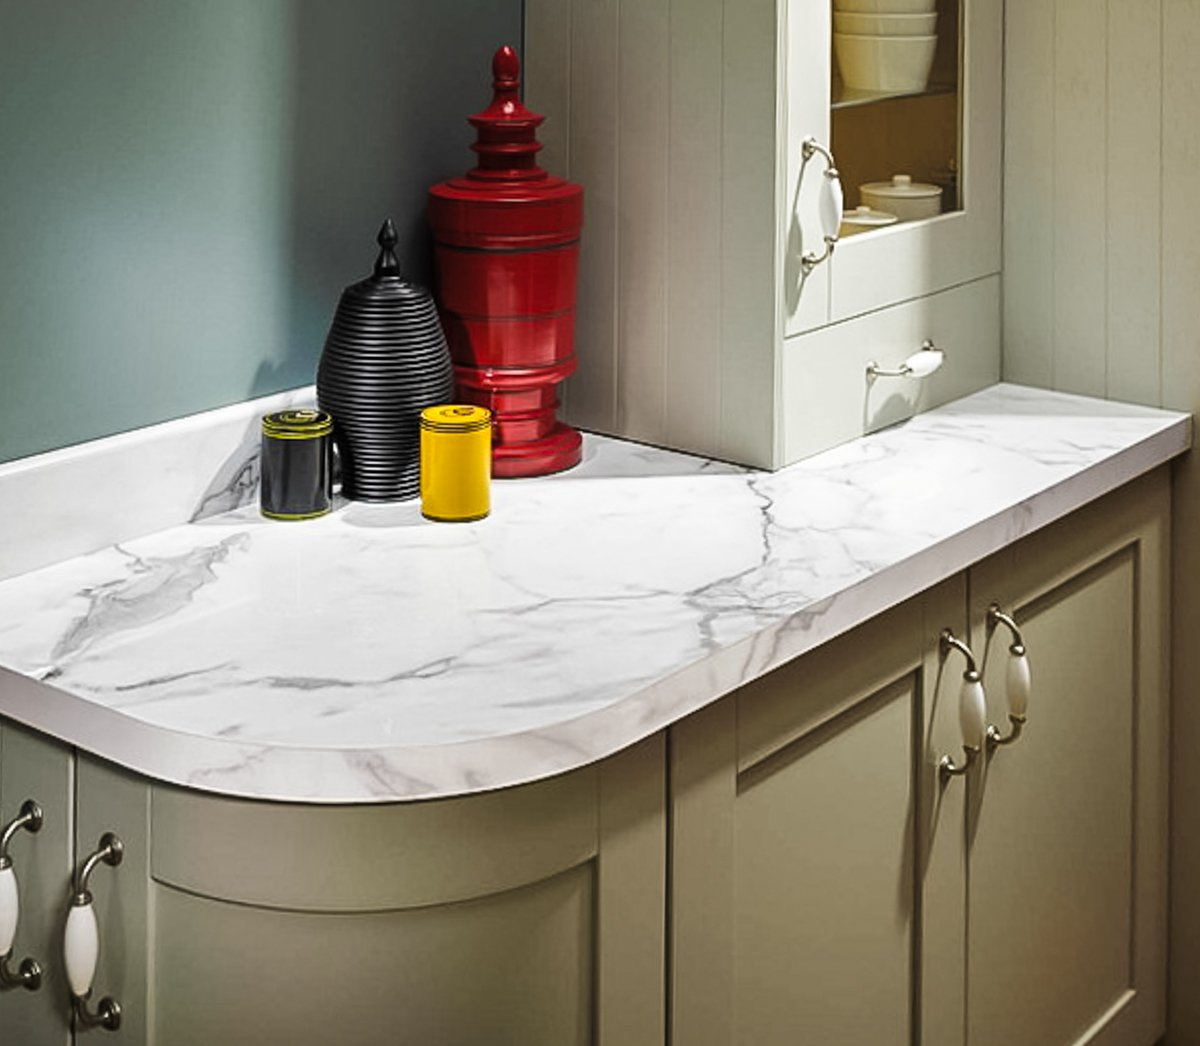 Laminate Worktops Granite Worktops 006 Affordable Granite Surrey Ltd